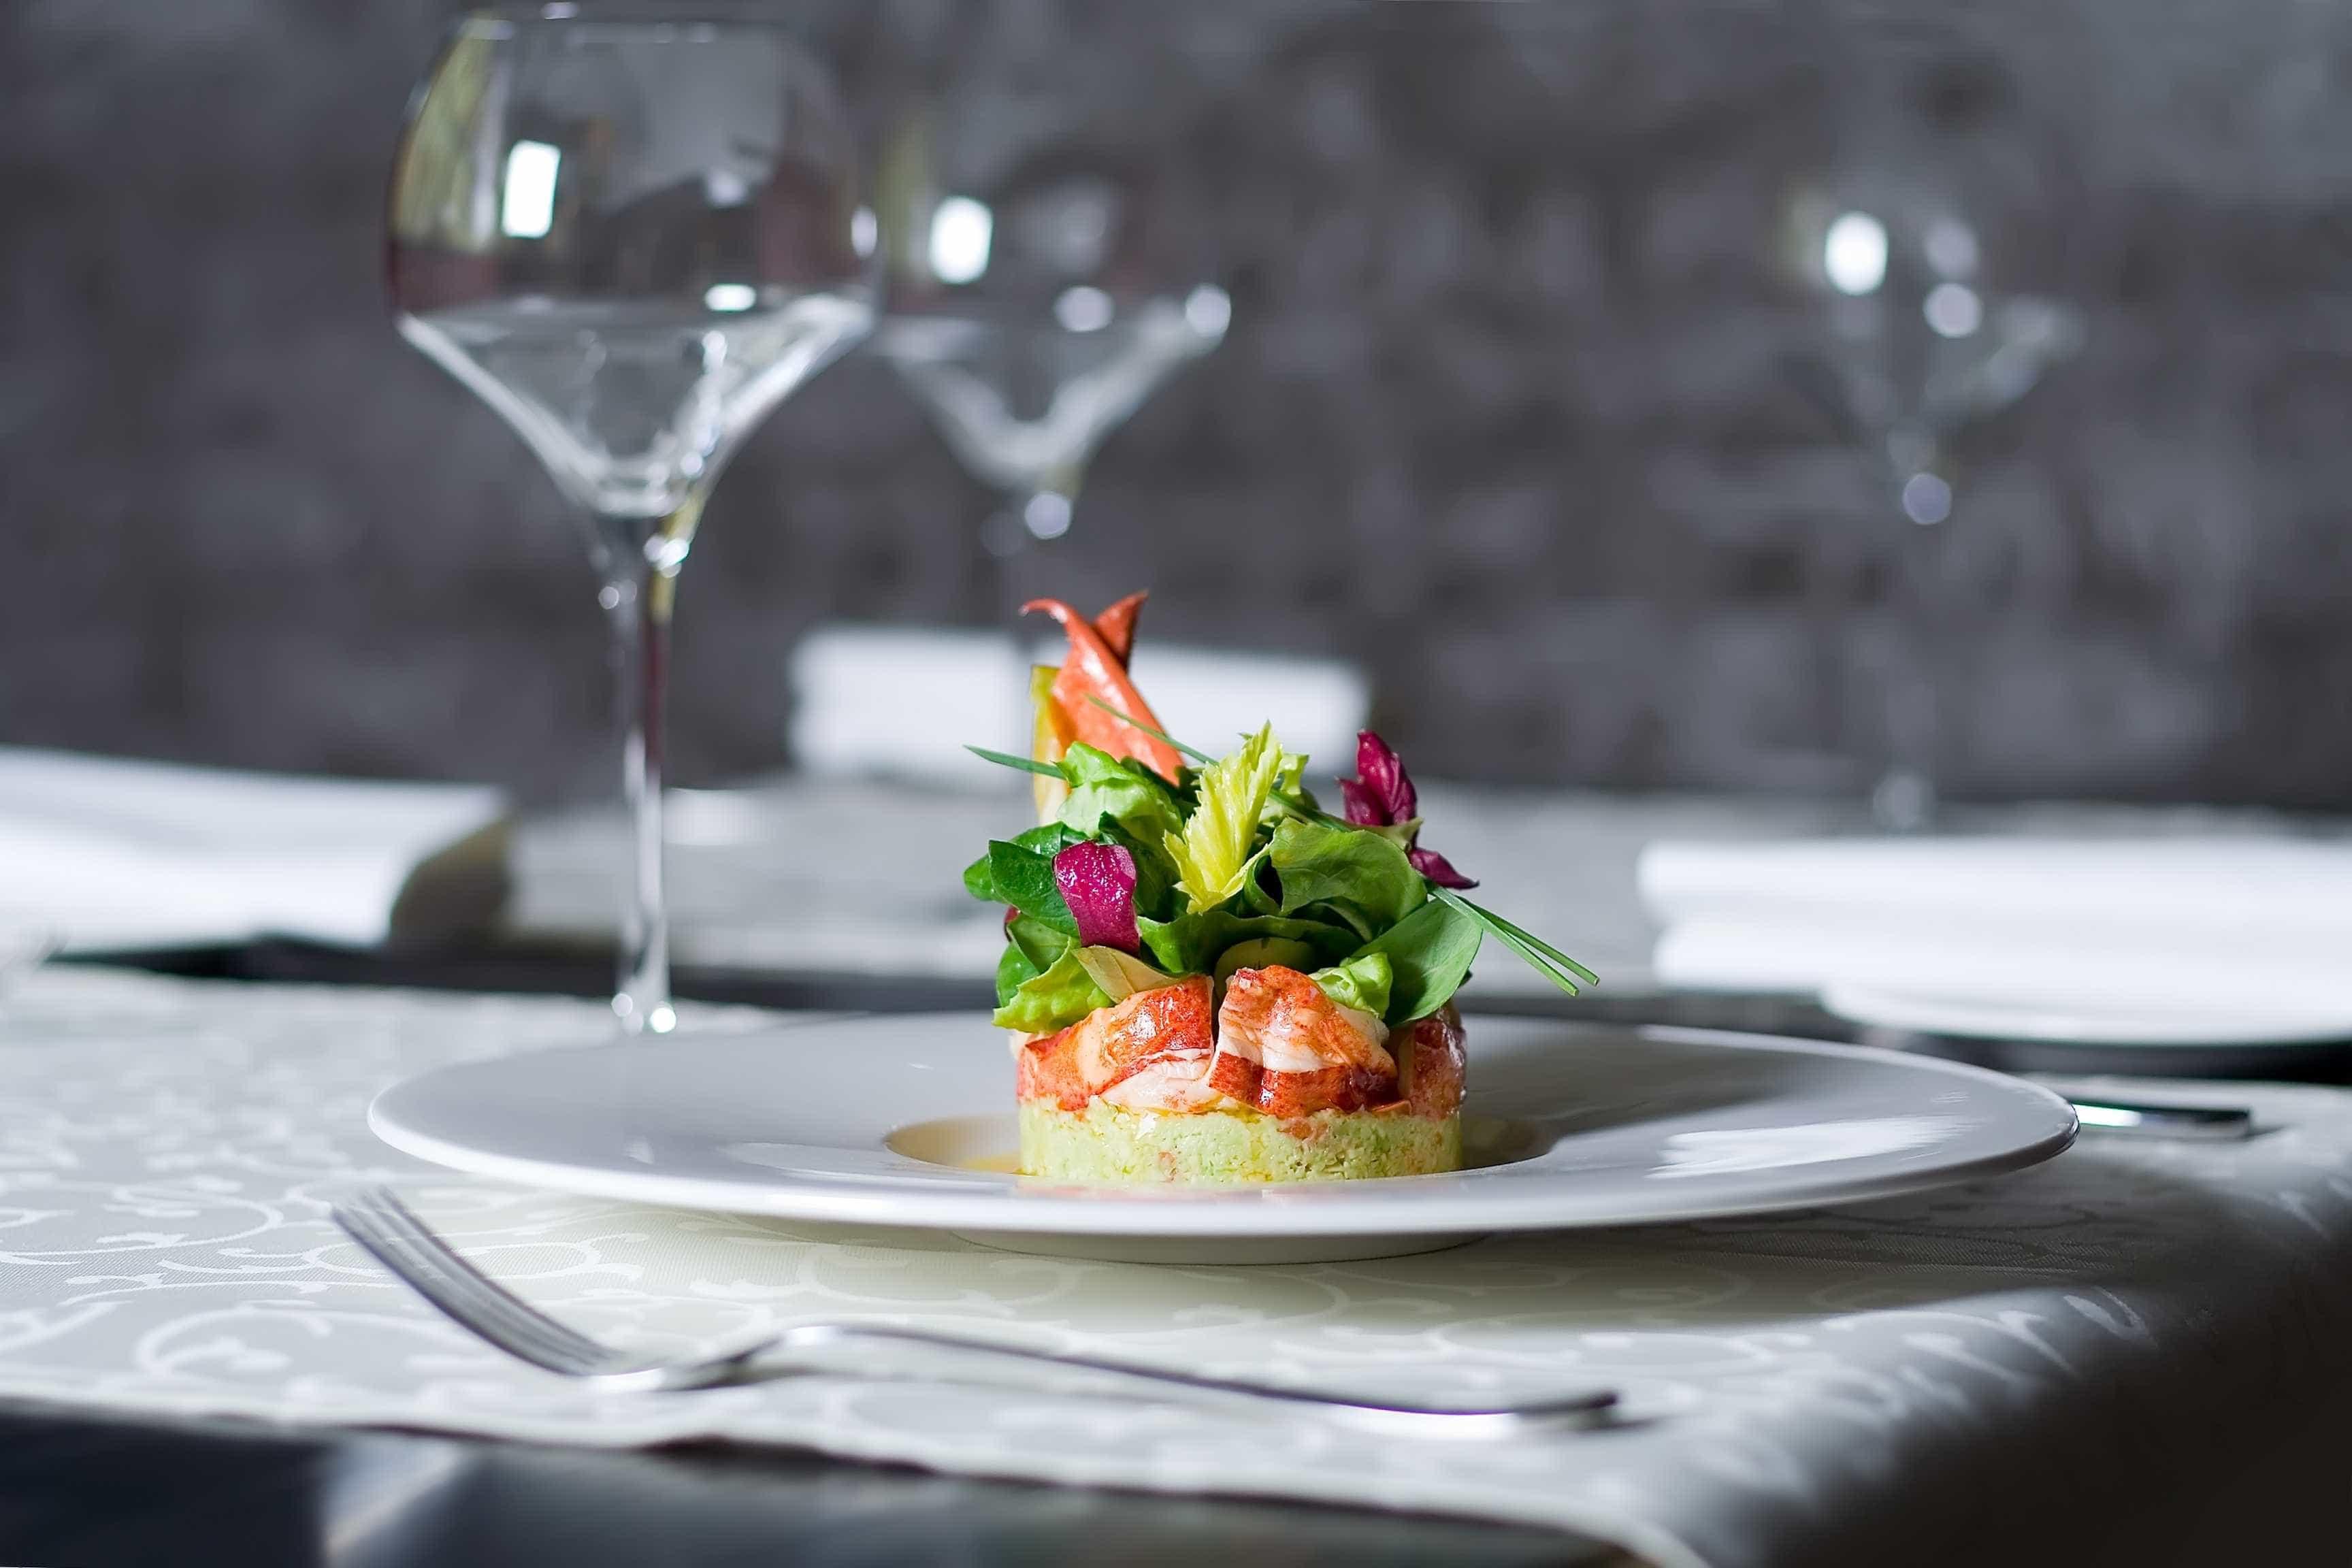 Chefs dos melhores restaurantes do ano servem jantar de quatro horas